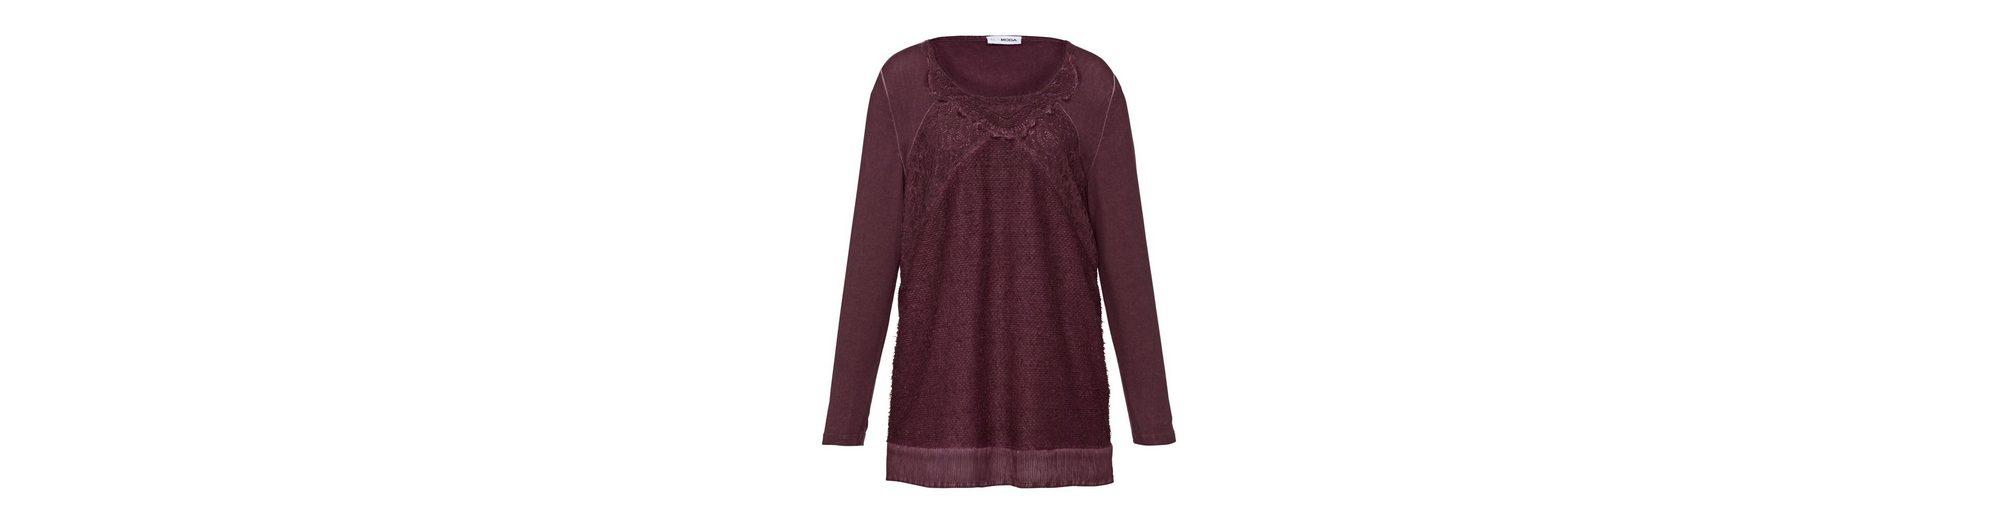 MIAMODA Longshirt Kaufen Online-Verkauf Verkauf Suchen Auslass Viele Arten Von 64E8uyY2